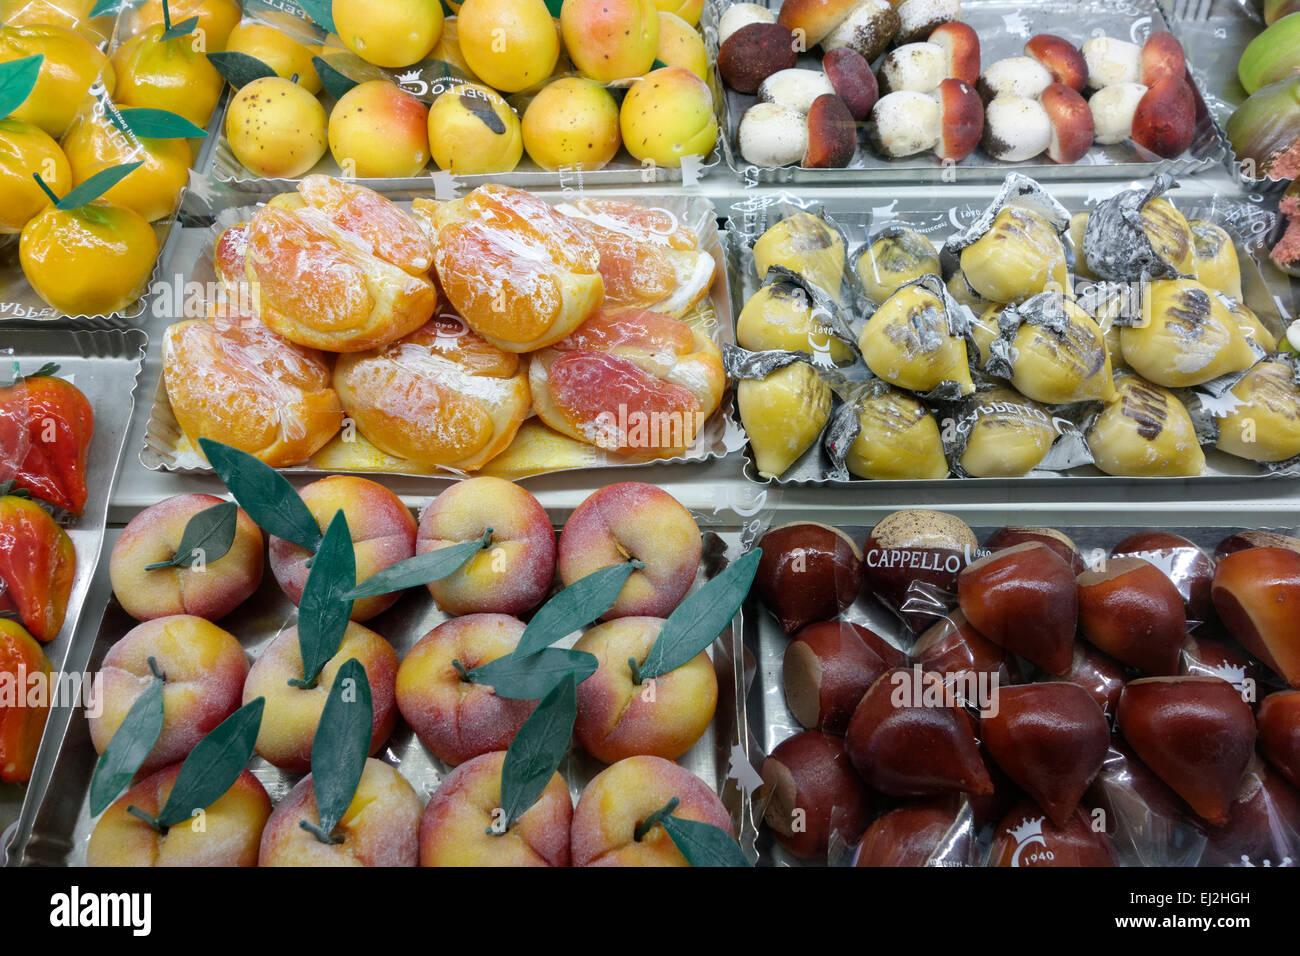 Marzipan fruit in Pasticceria Cappello in Palermo 45e42d4ede82